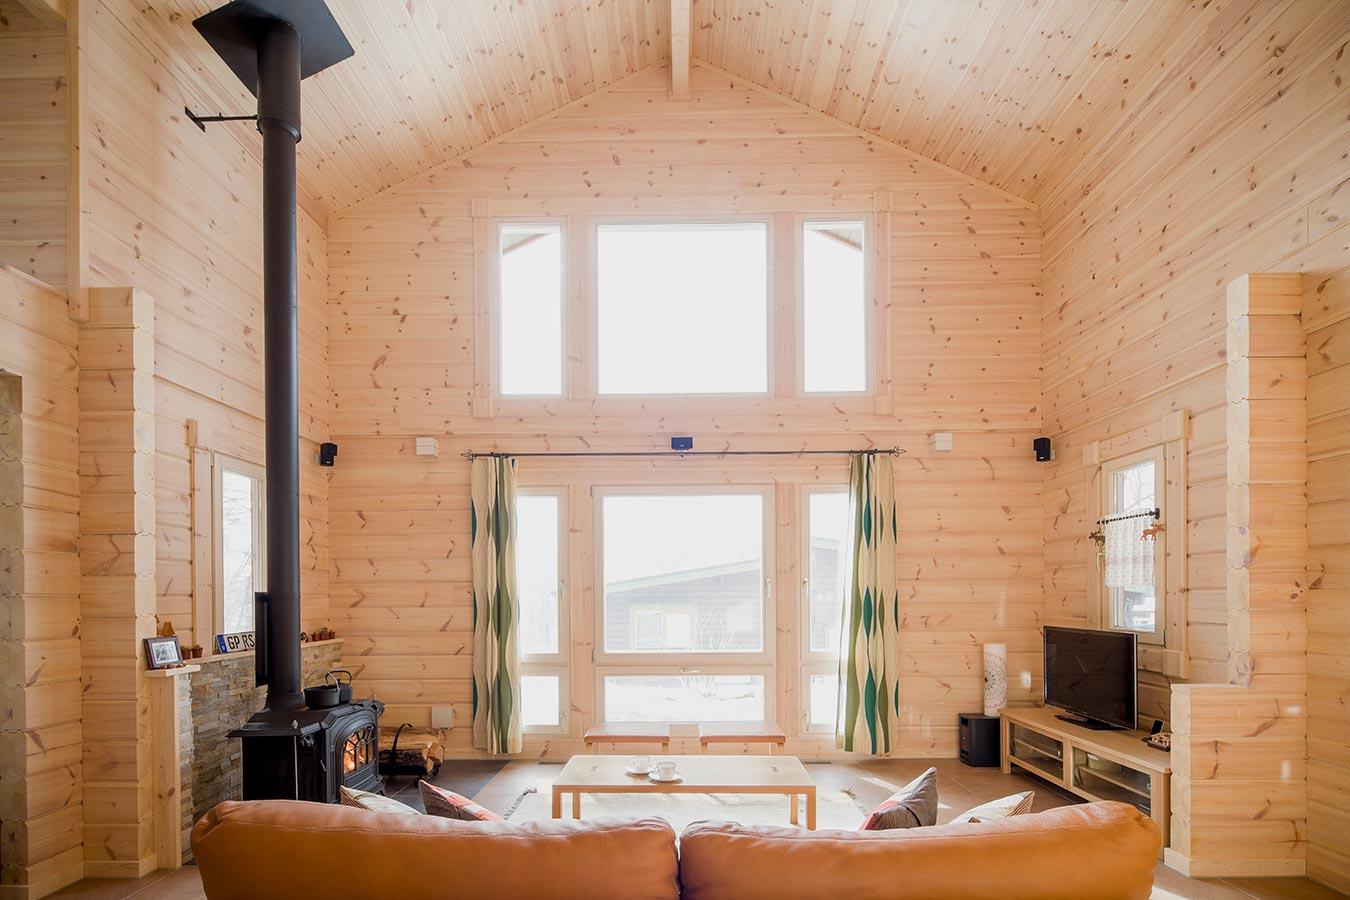 玄関を抜けると目に飛び込む、開放的なリビングに設置した大きな窓からの景色。